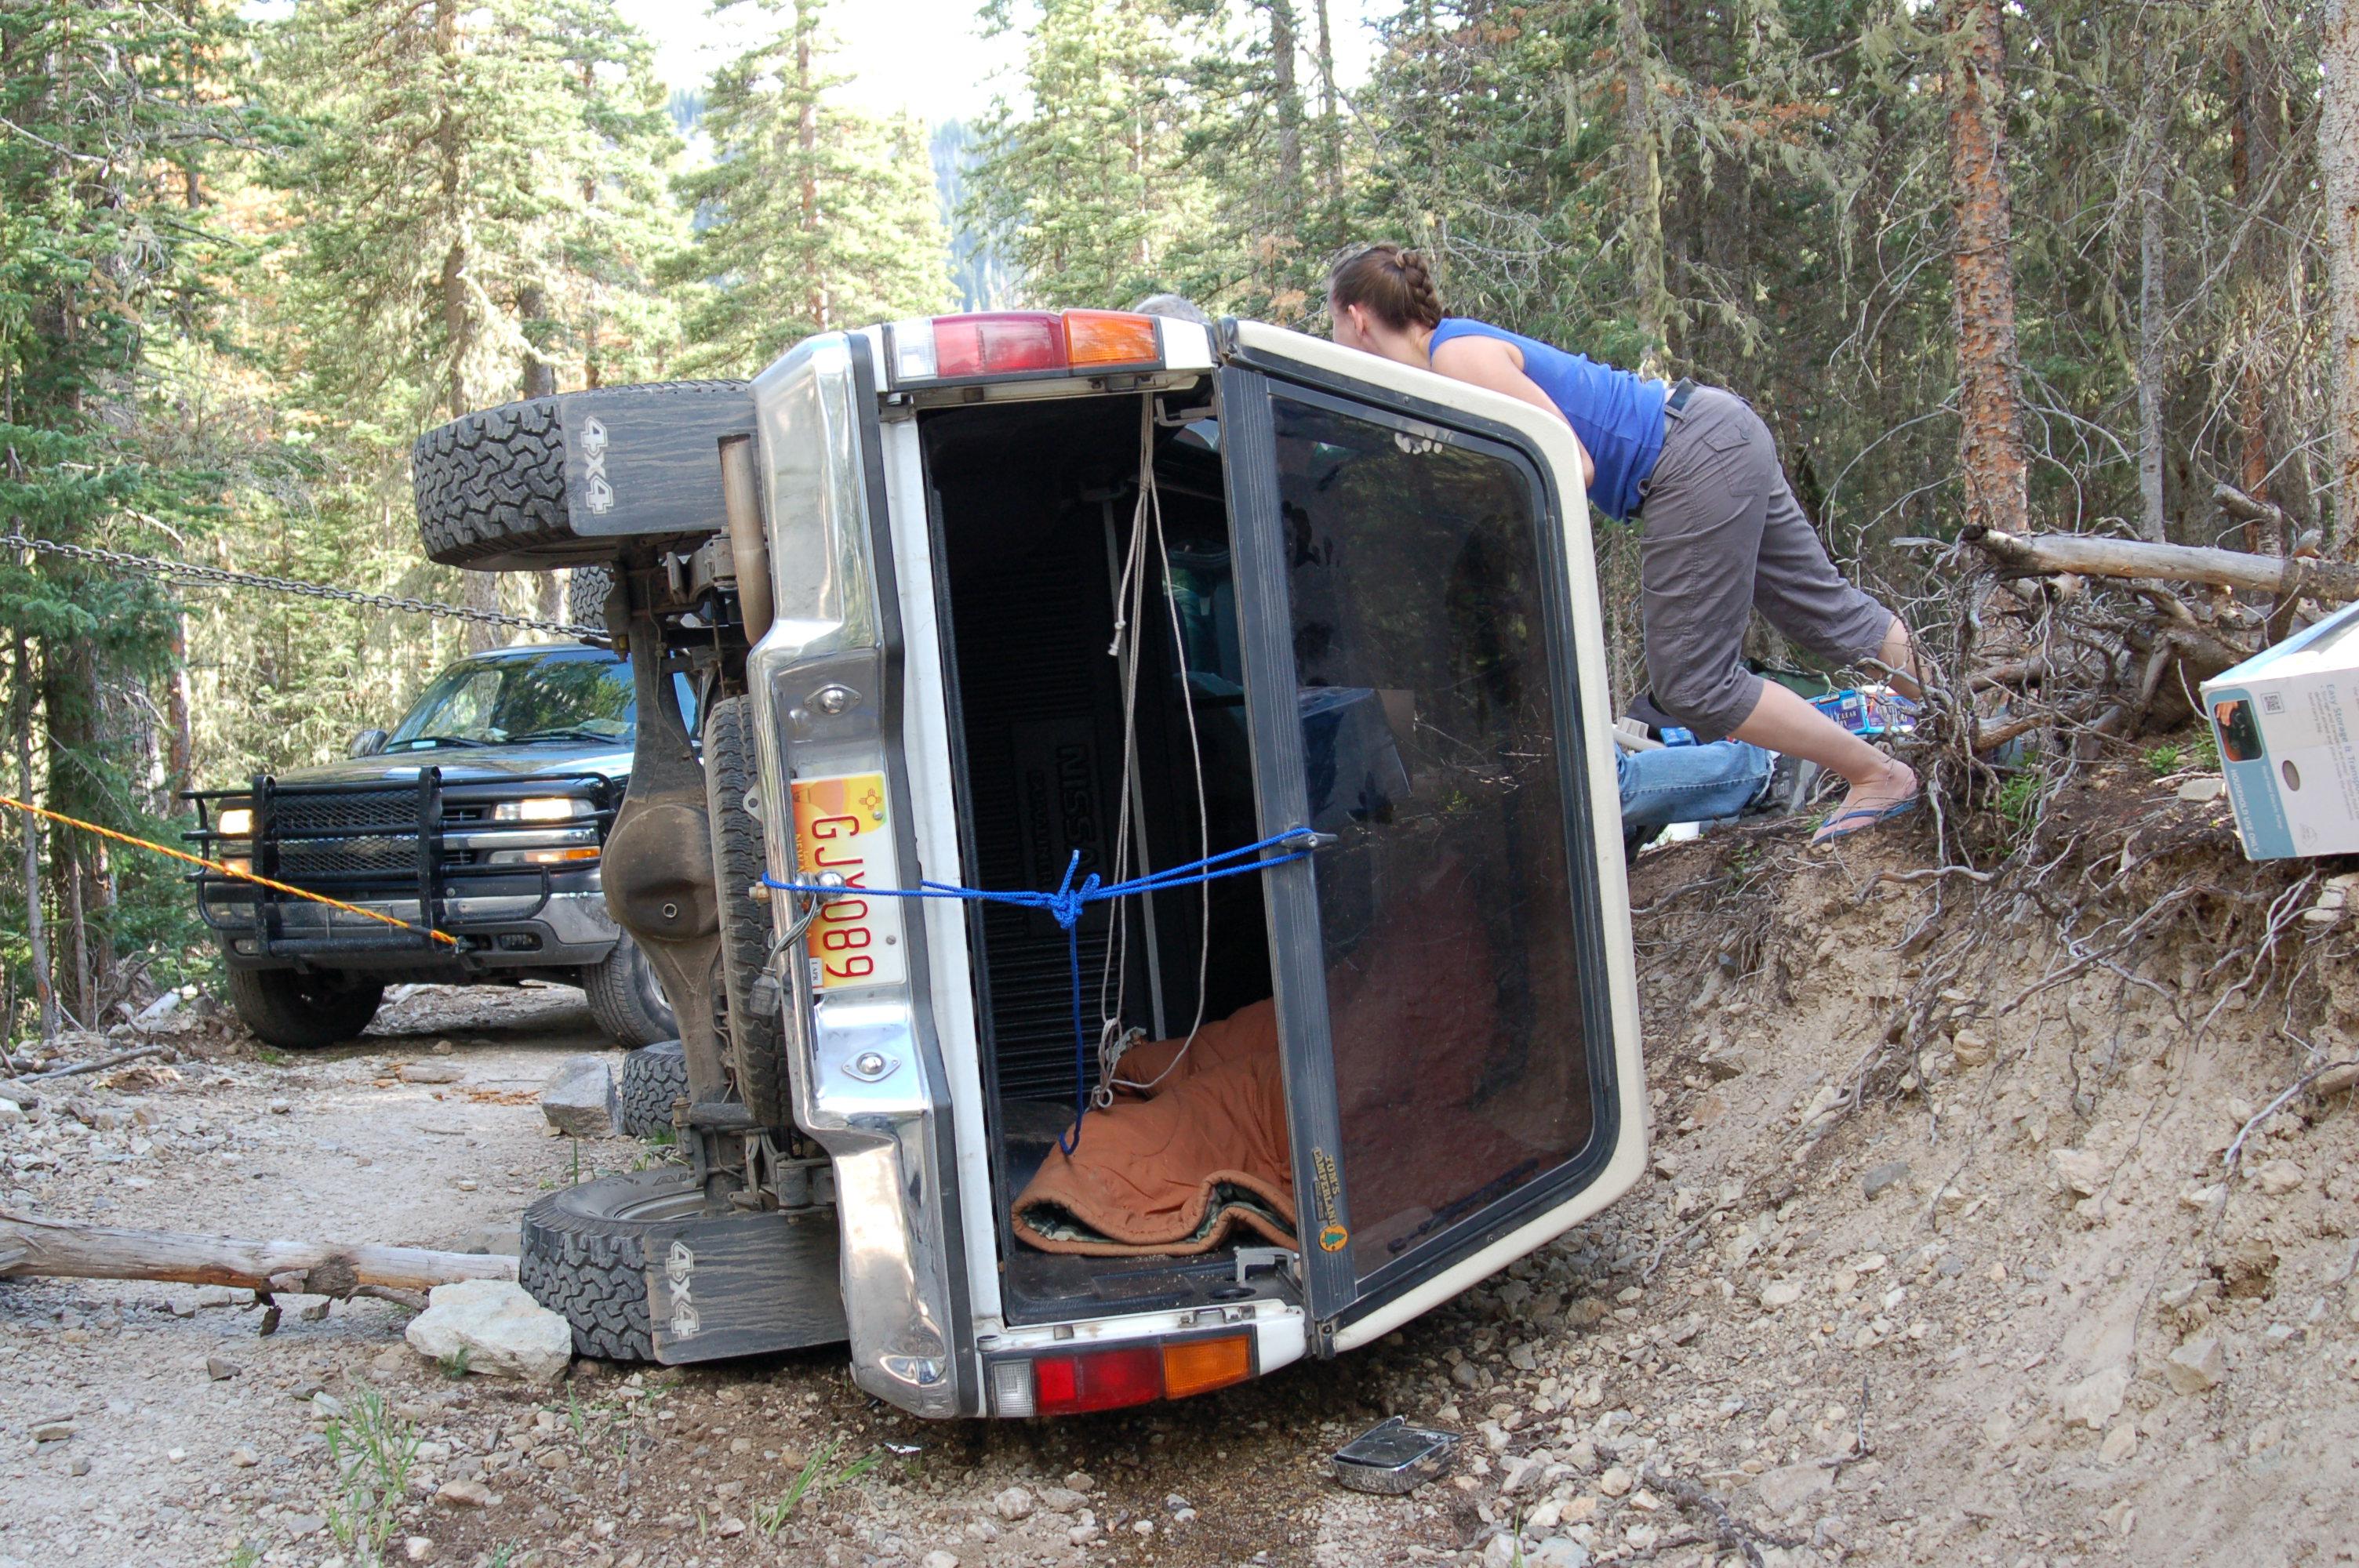 fantabulouswomen.com truck turned over